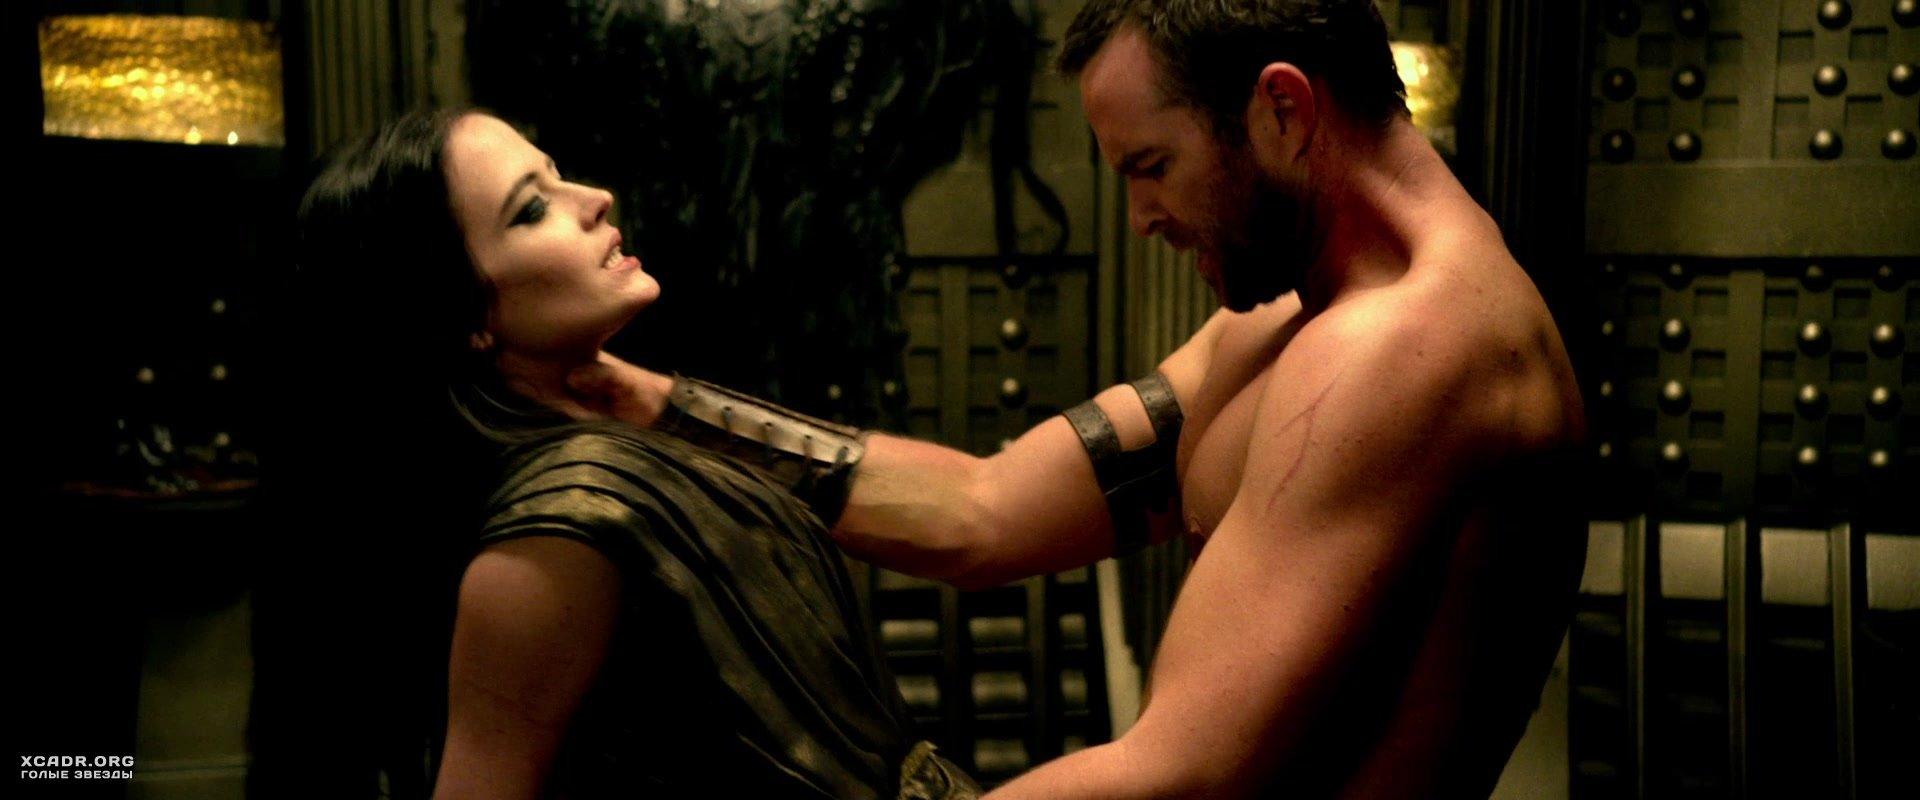 Секс евы грин в 300 спартанцев